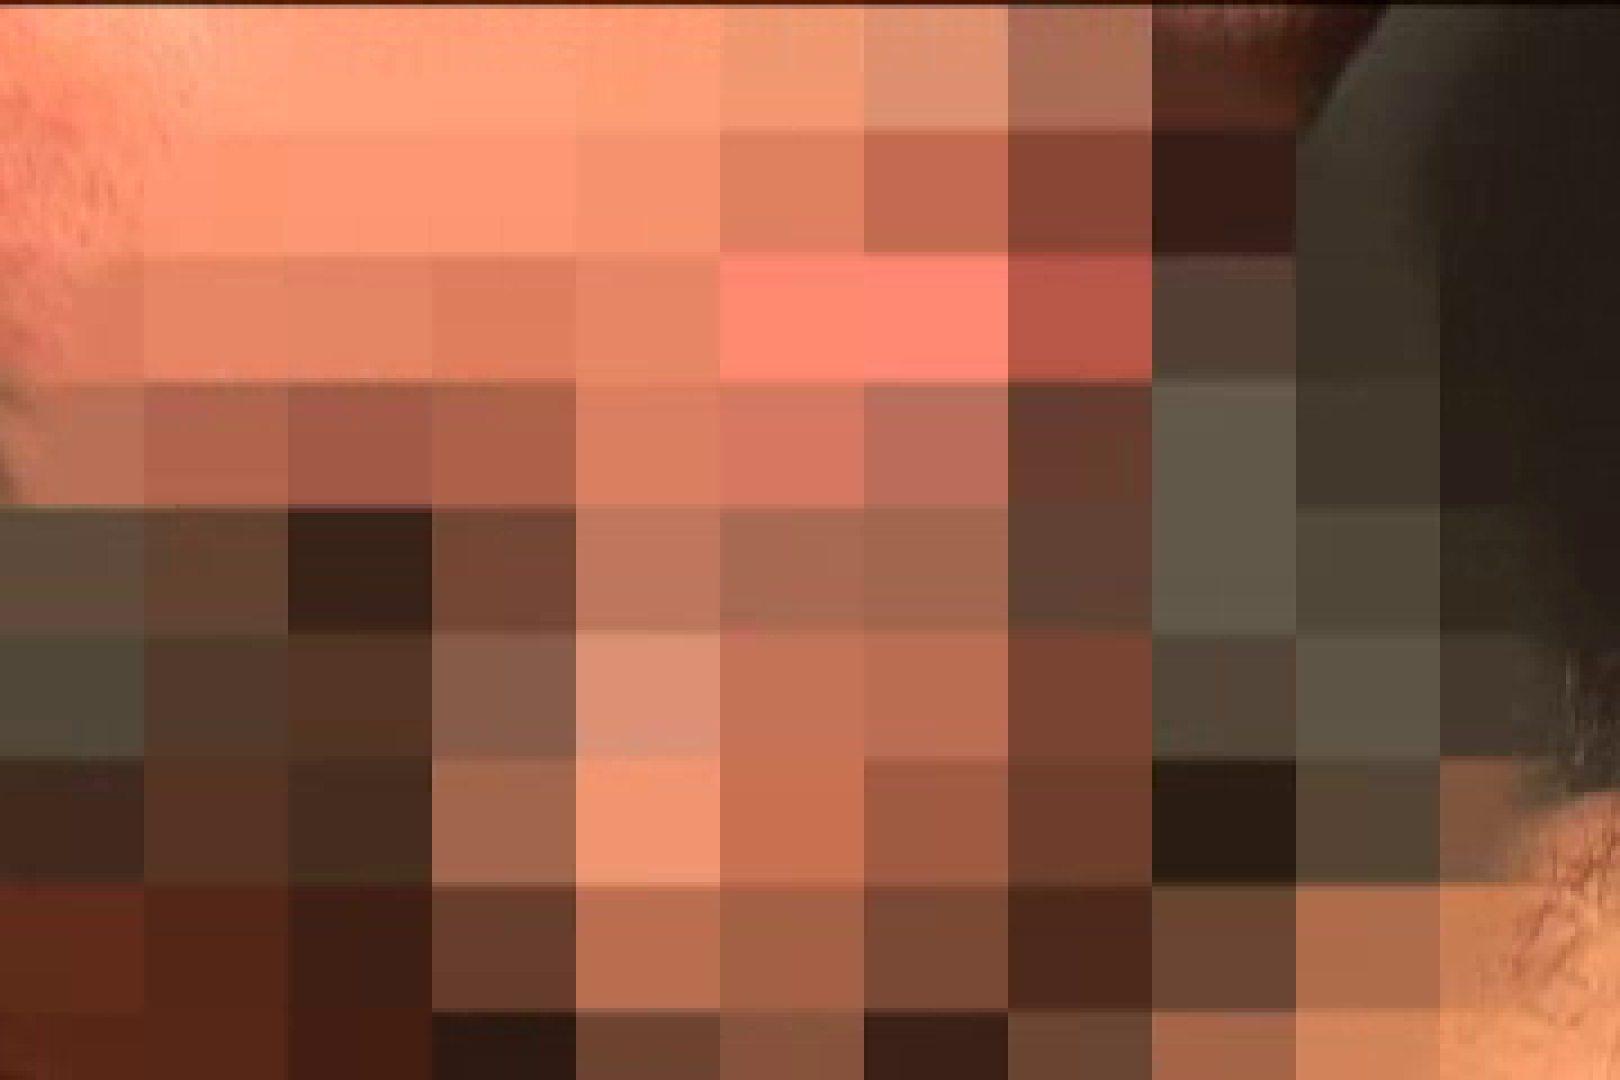 悶絶!!ケツマンFighters!! Part.04 悶絶 ゲイセックス画像 79pic 64